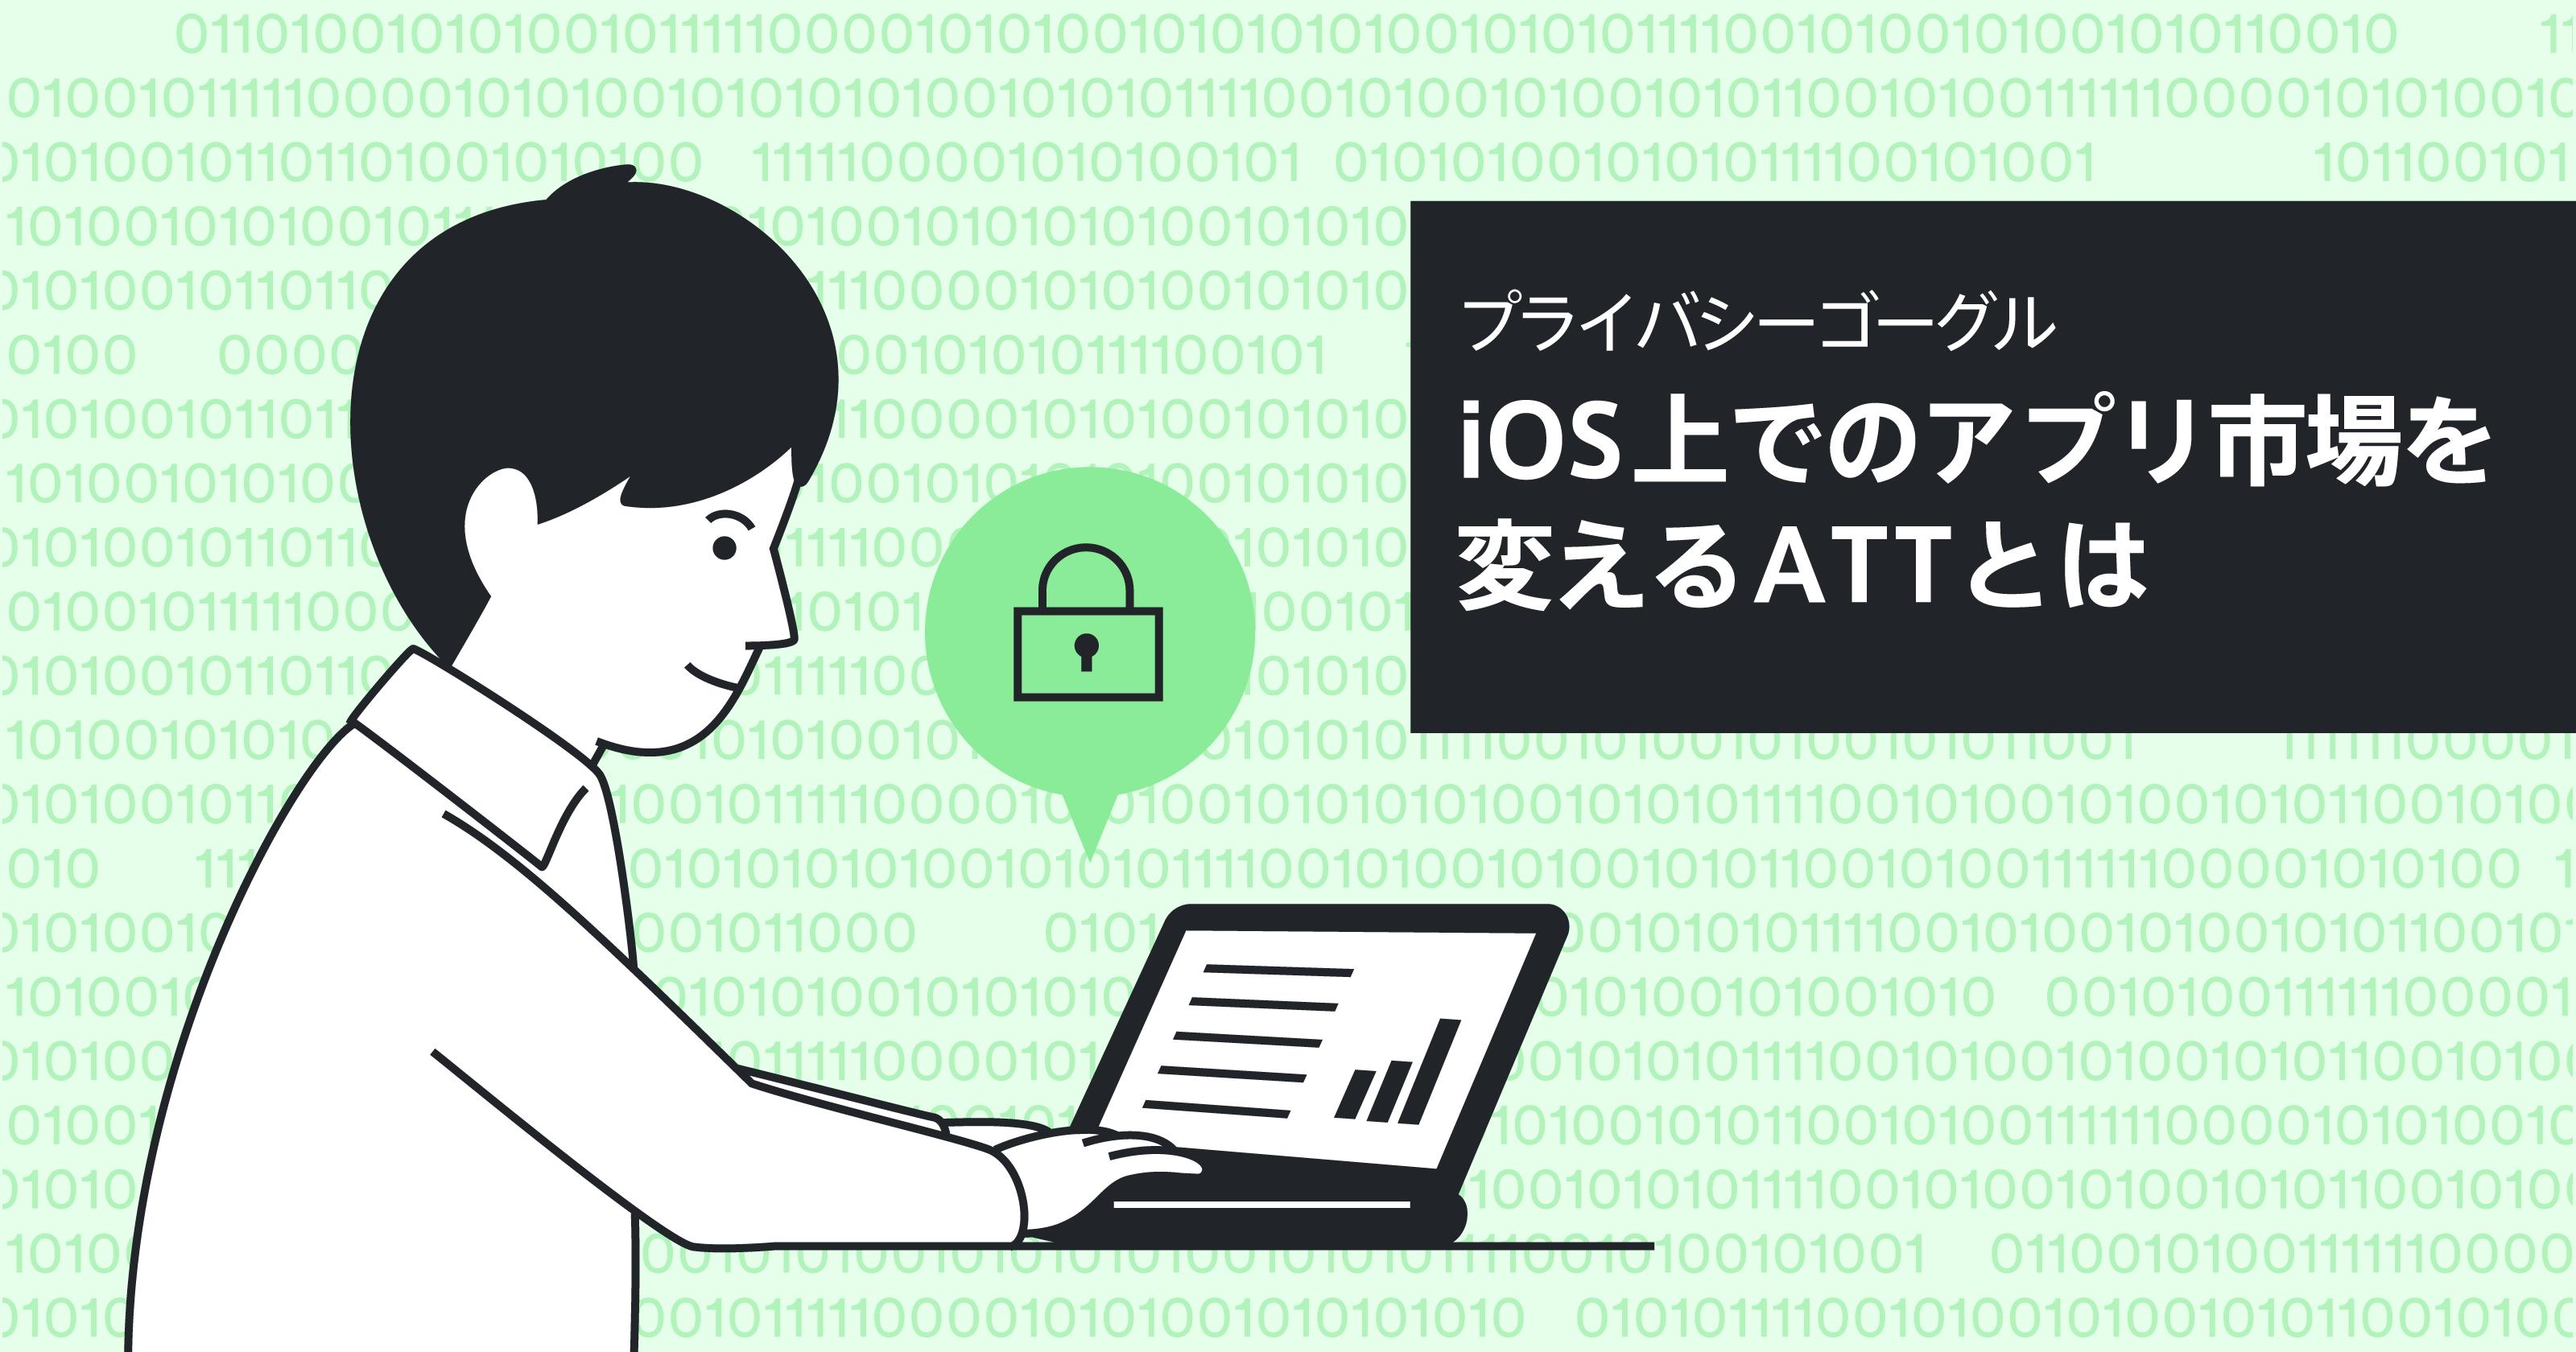 iOS上でのアプリ市場を変えるATTとは|プライバシーゴーグル